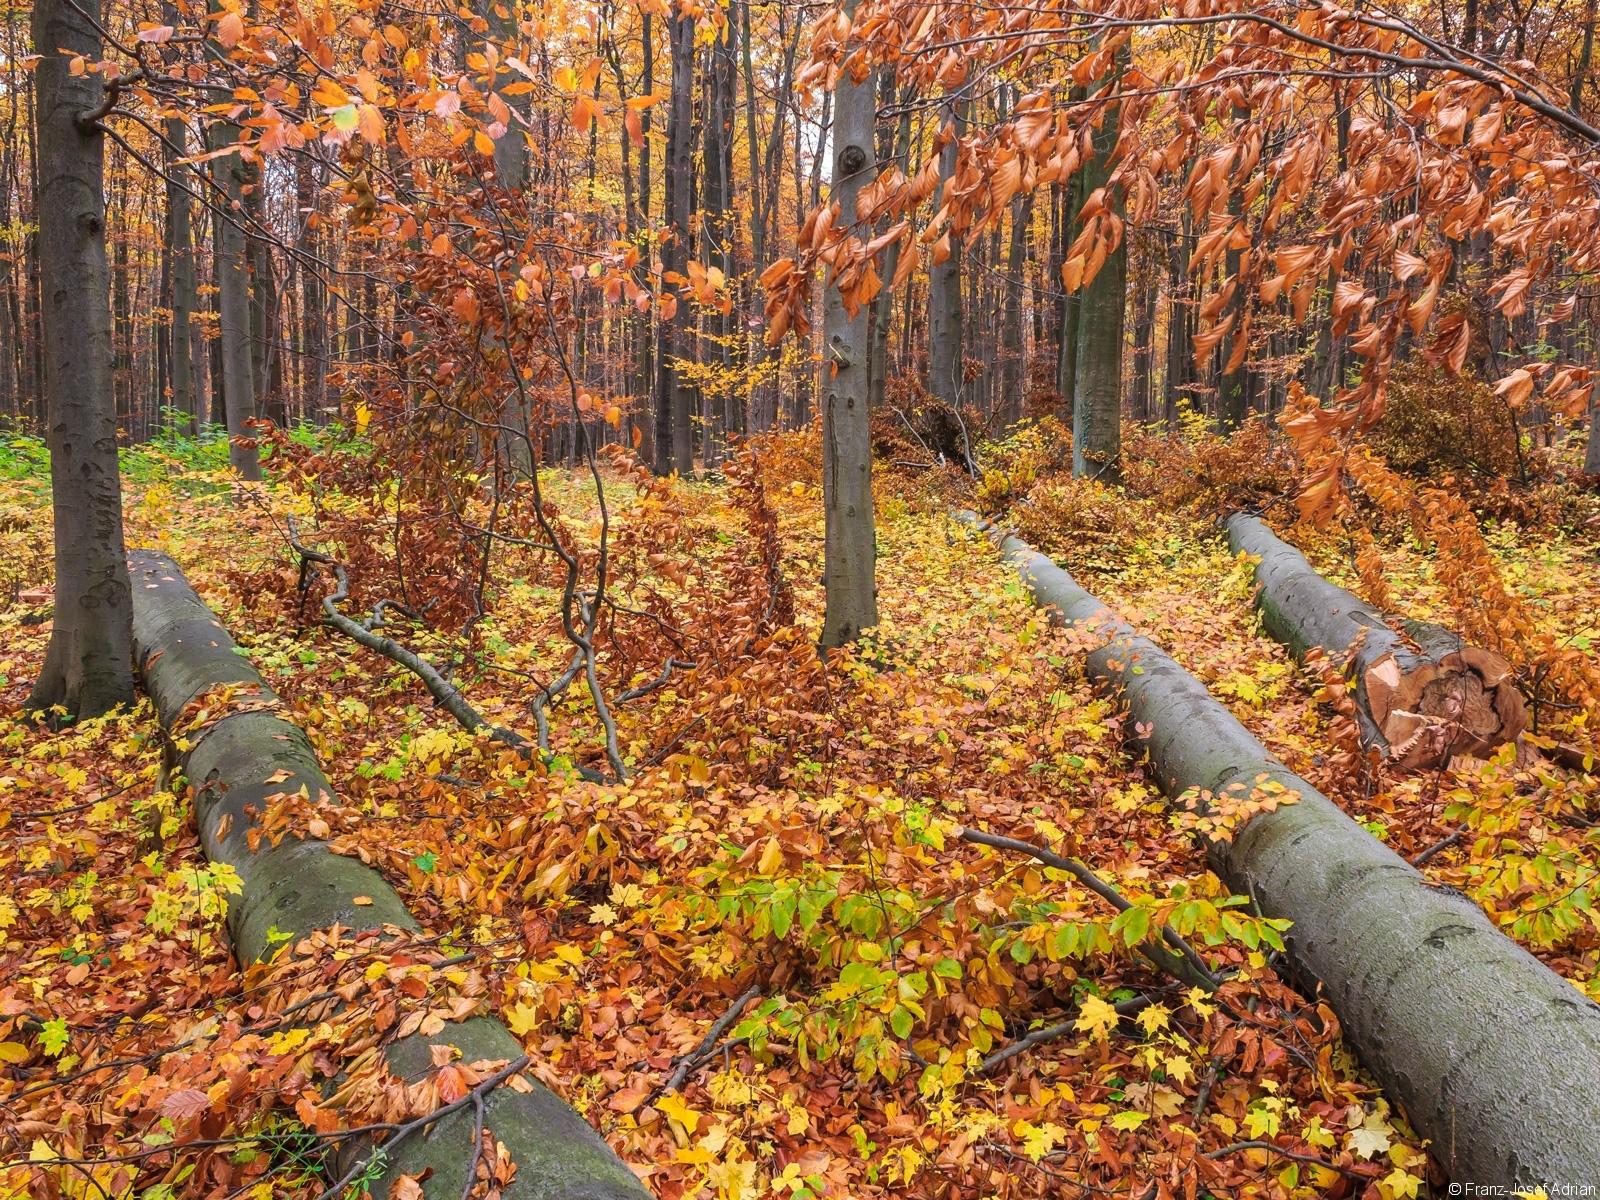 vorratsreicher Buchenwald, dazwischen gefällte Buchen